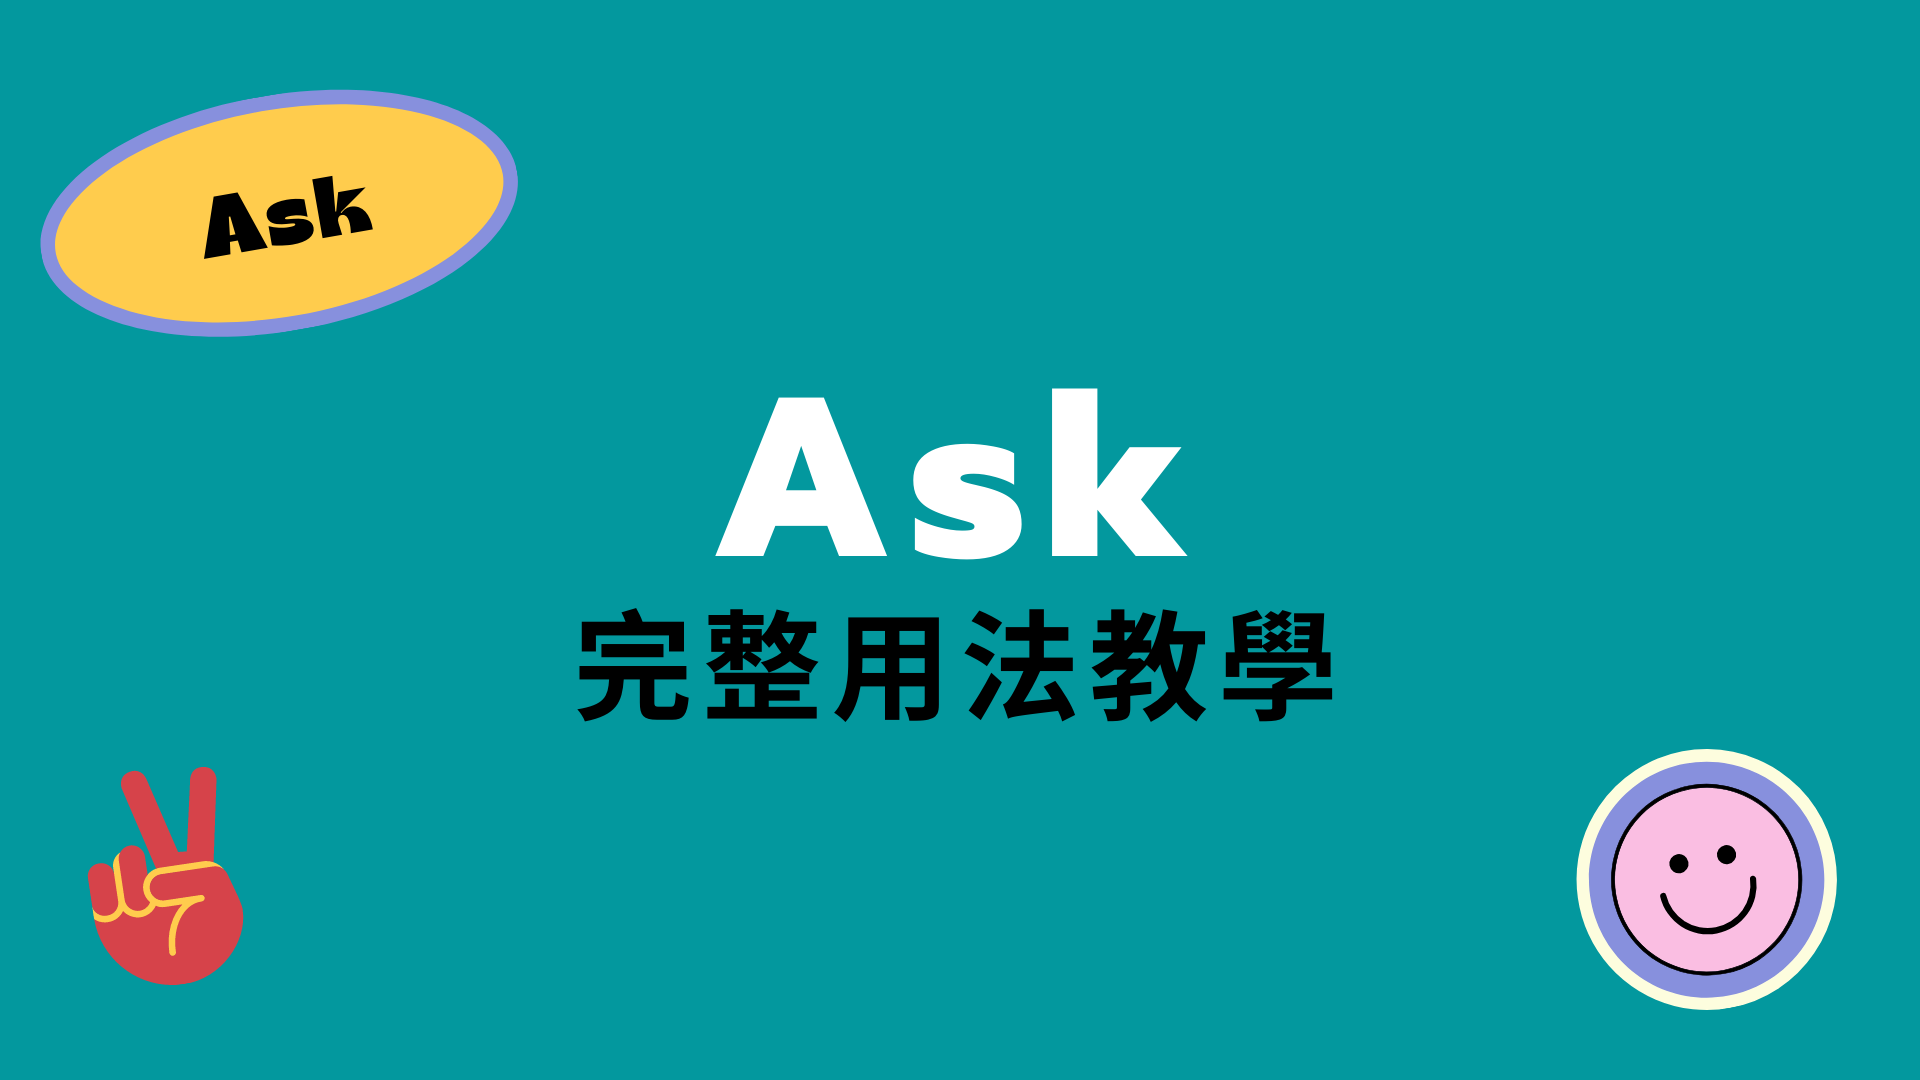 【ask 用法】一分鐘了解「ask」各種英文用法!